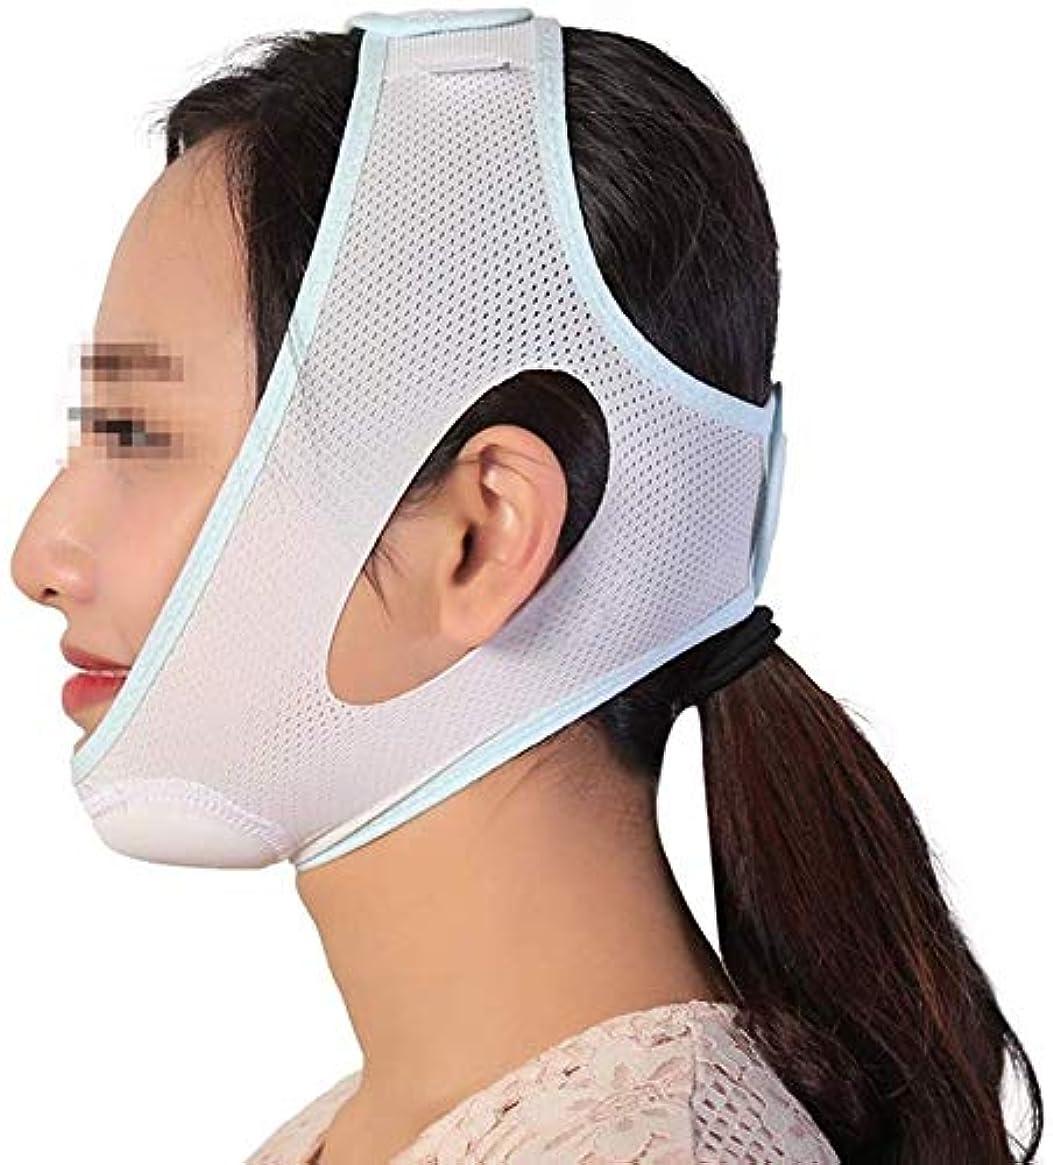 法律慰めくさびSlim身Vフェイスマスク、顔を持ち上げる包帯、小さなV顔美容マスクリフト顔筋肉包帯プラスチックお楽しみストラップ(サイズ:M)